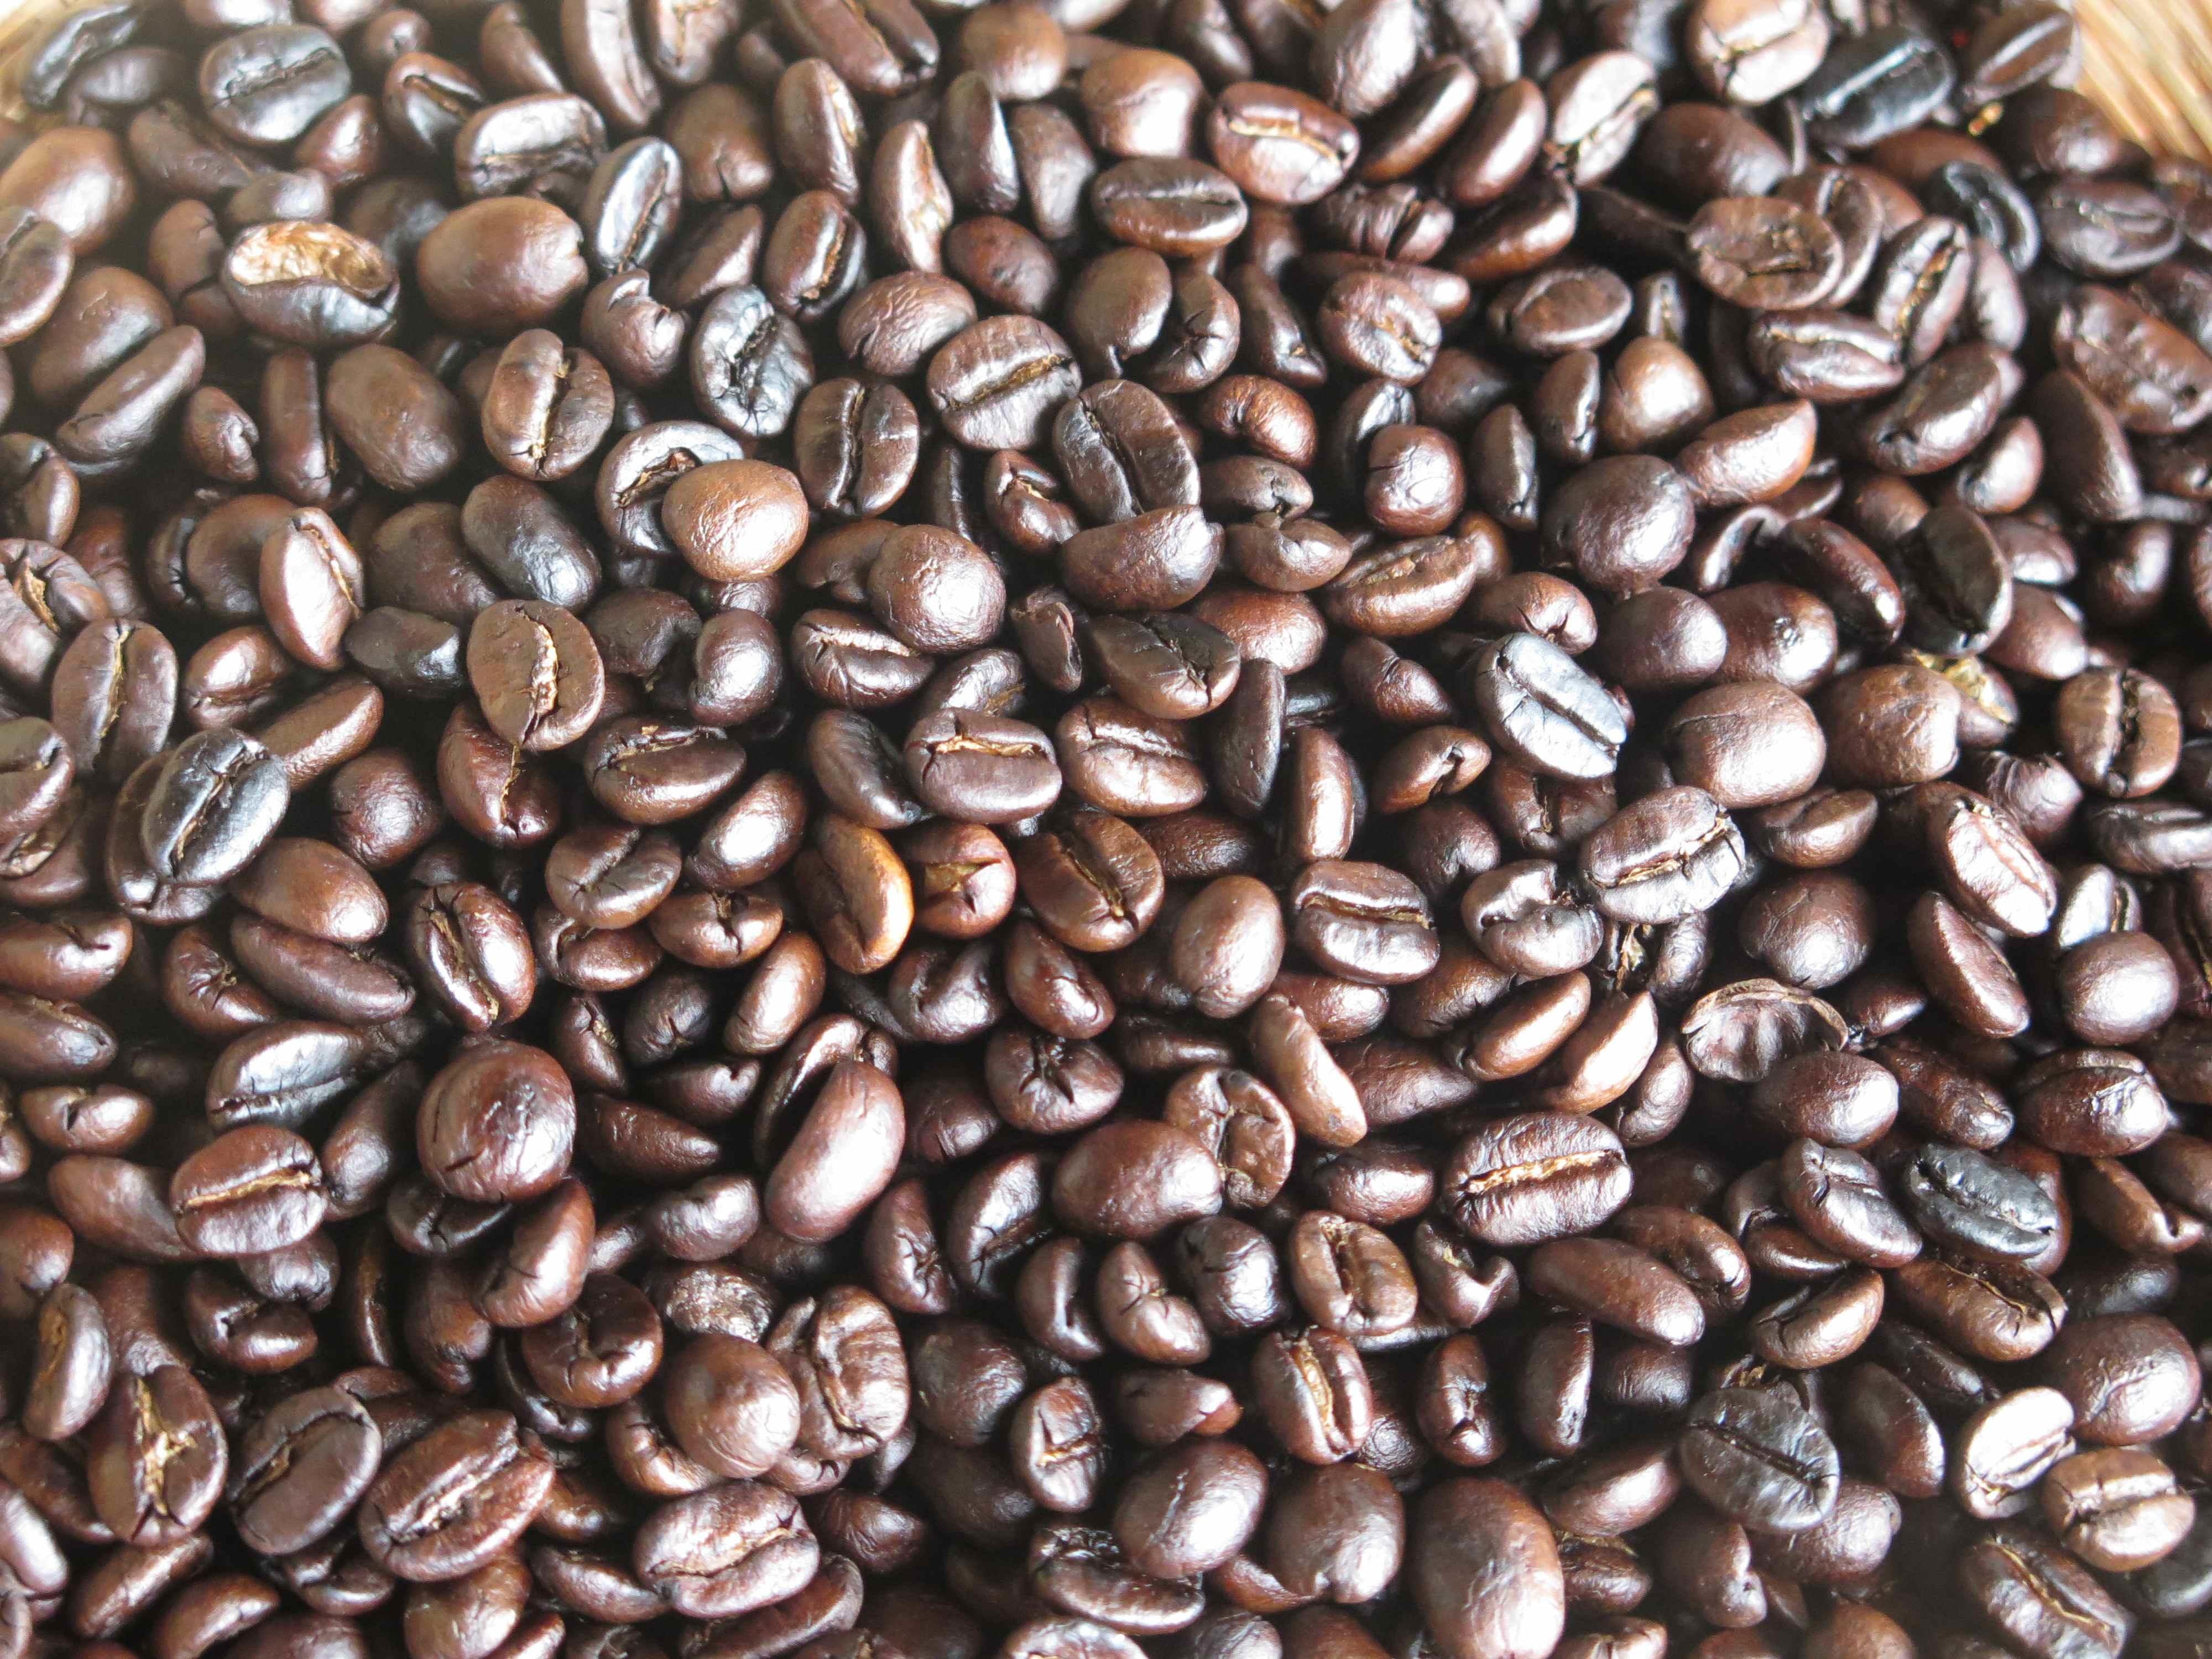 土鍋焙煎デカフェ カフェインレスコーヒー豆 100g - 画像5